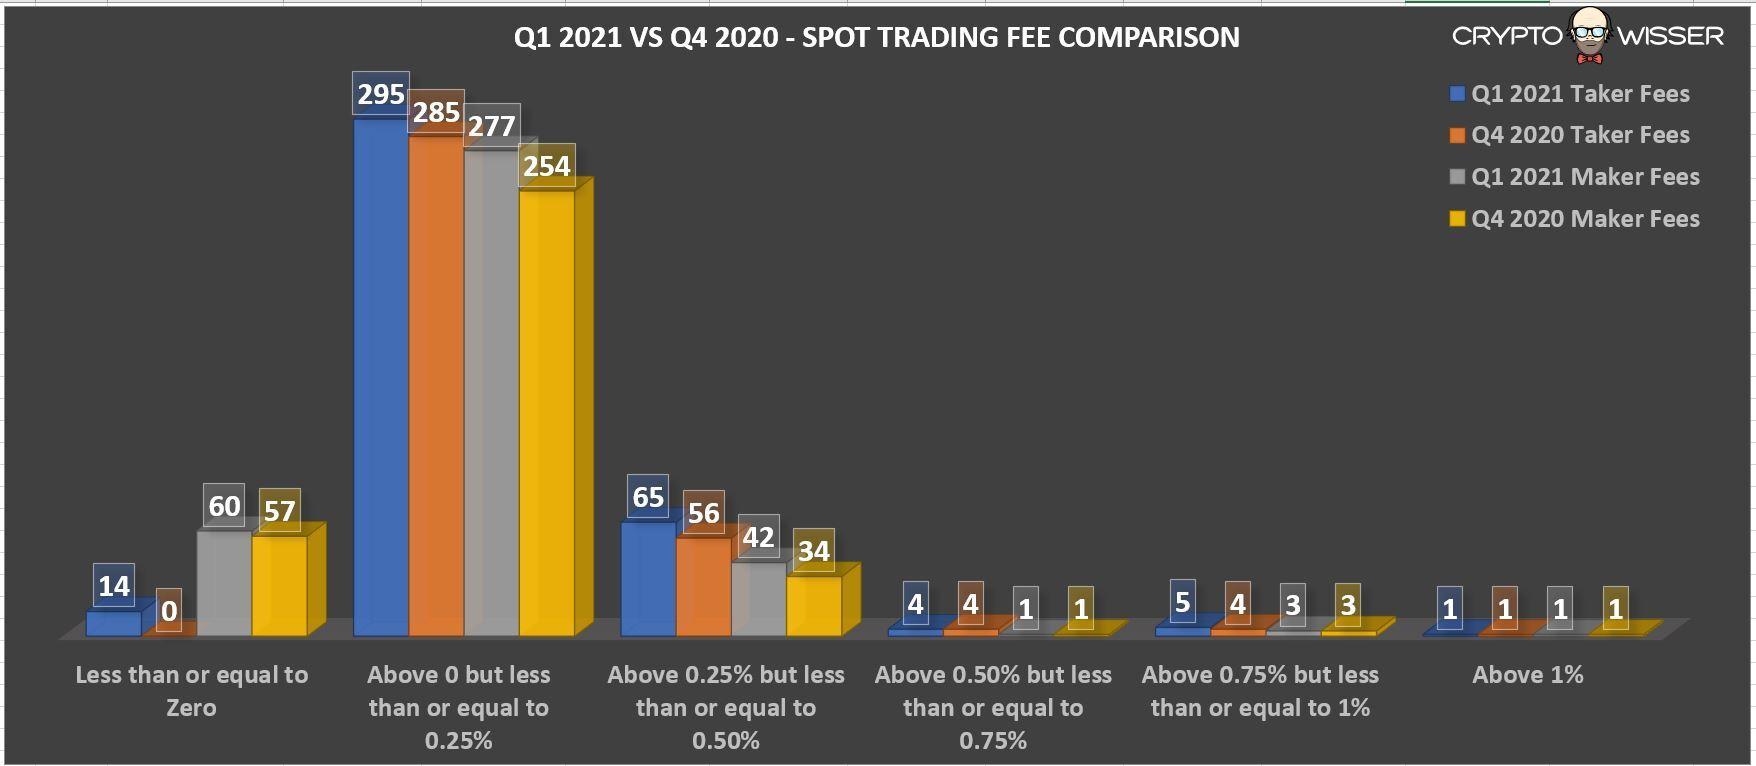 Q1 Spot Trading Fee Comparison